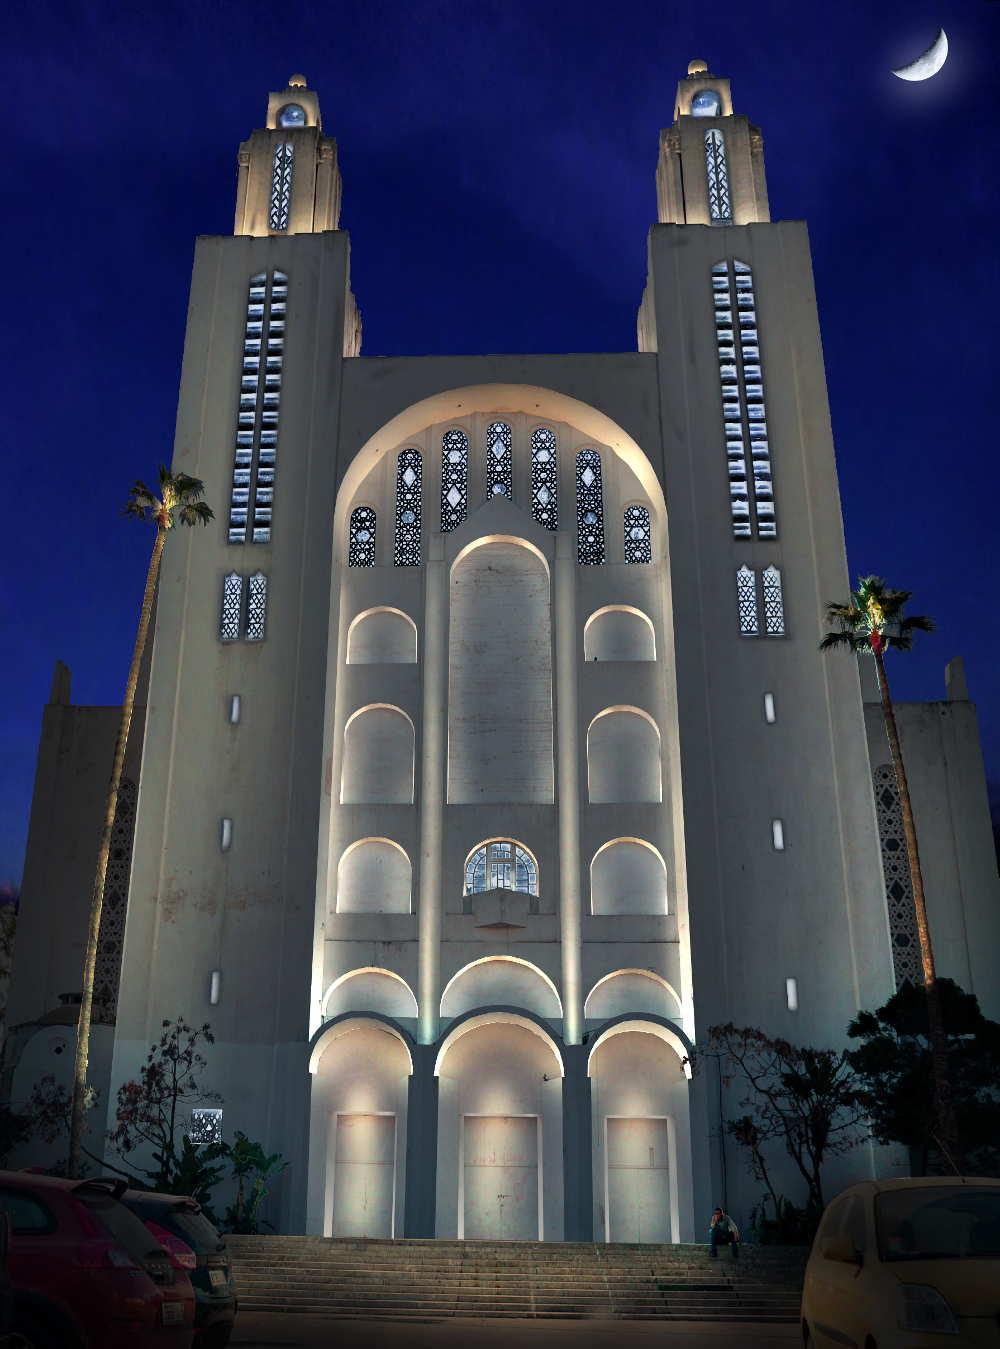 chiesa-sacro-cuore-rabat-marocco-filippo-cannata